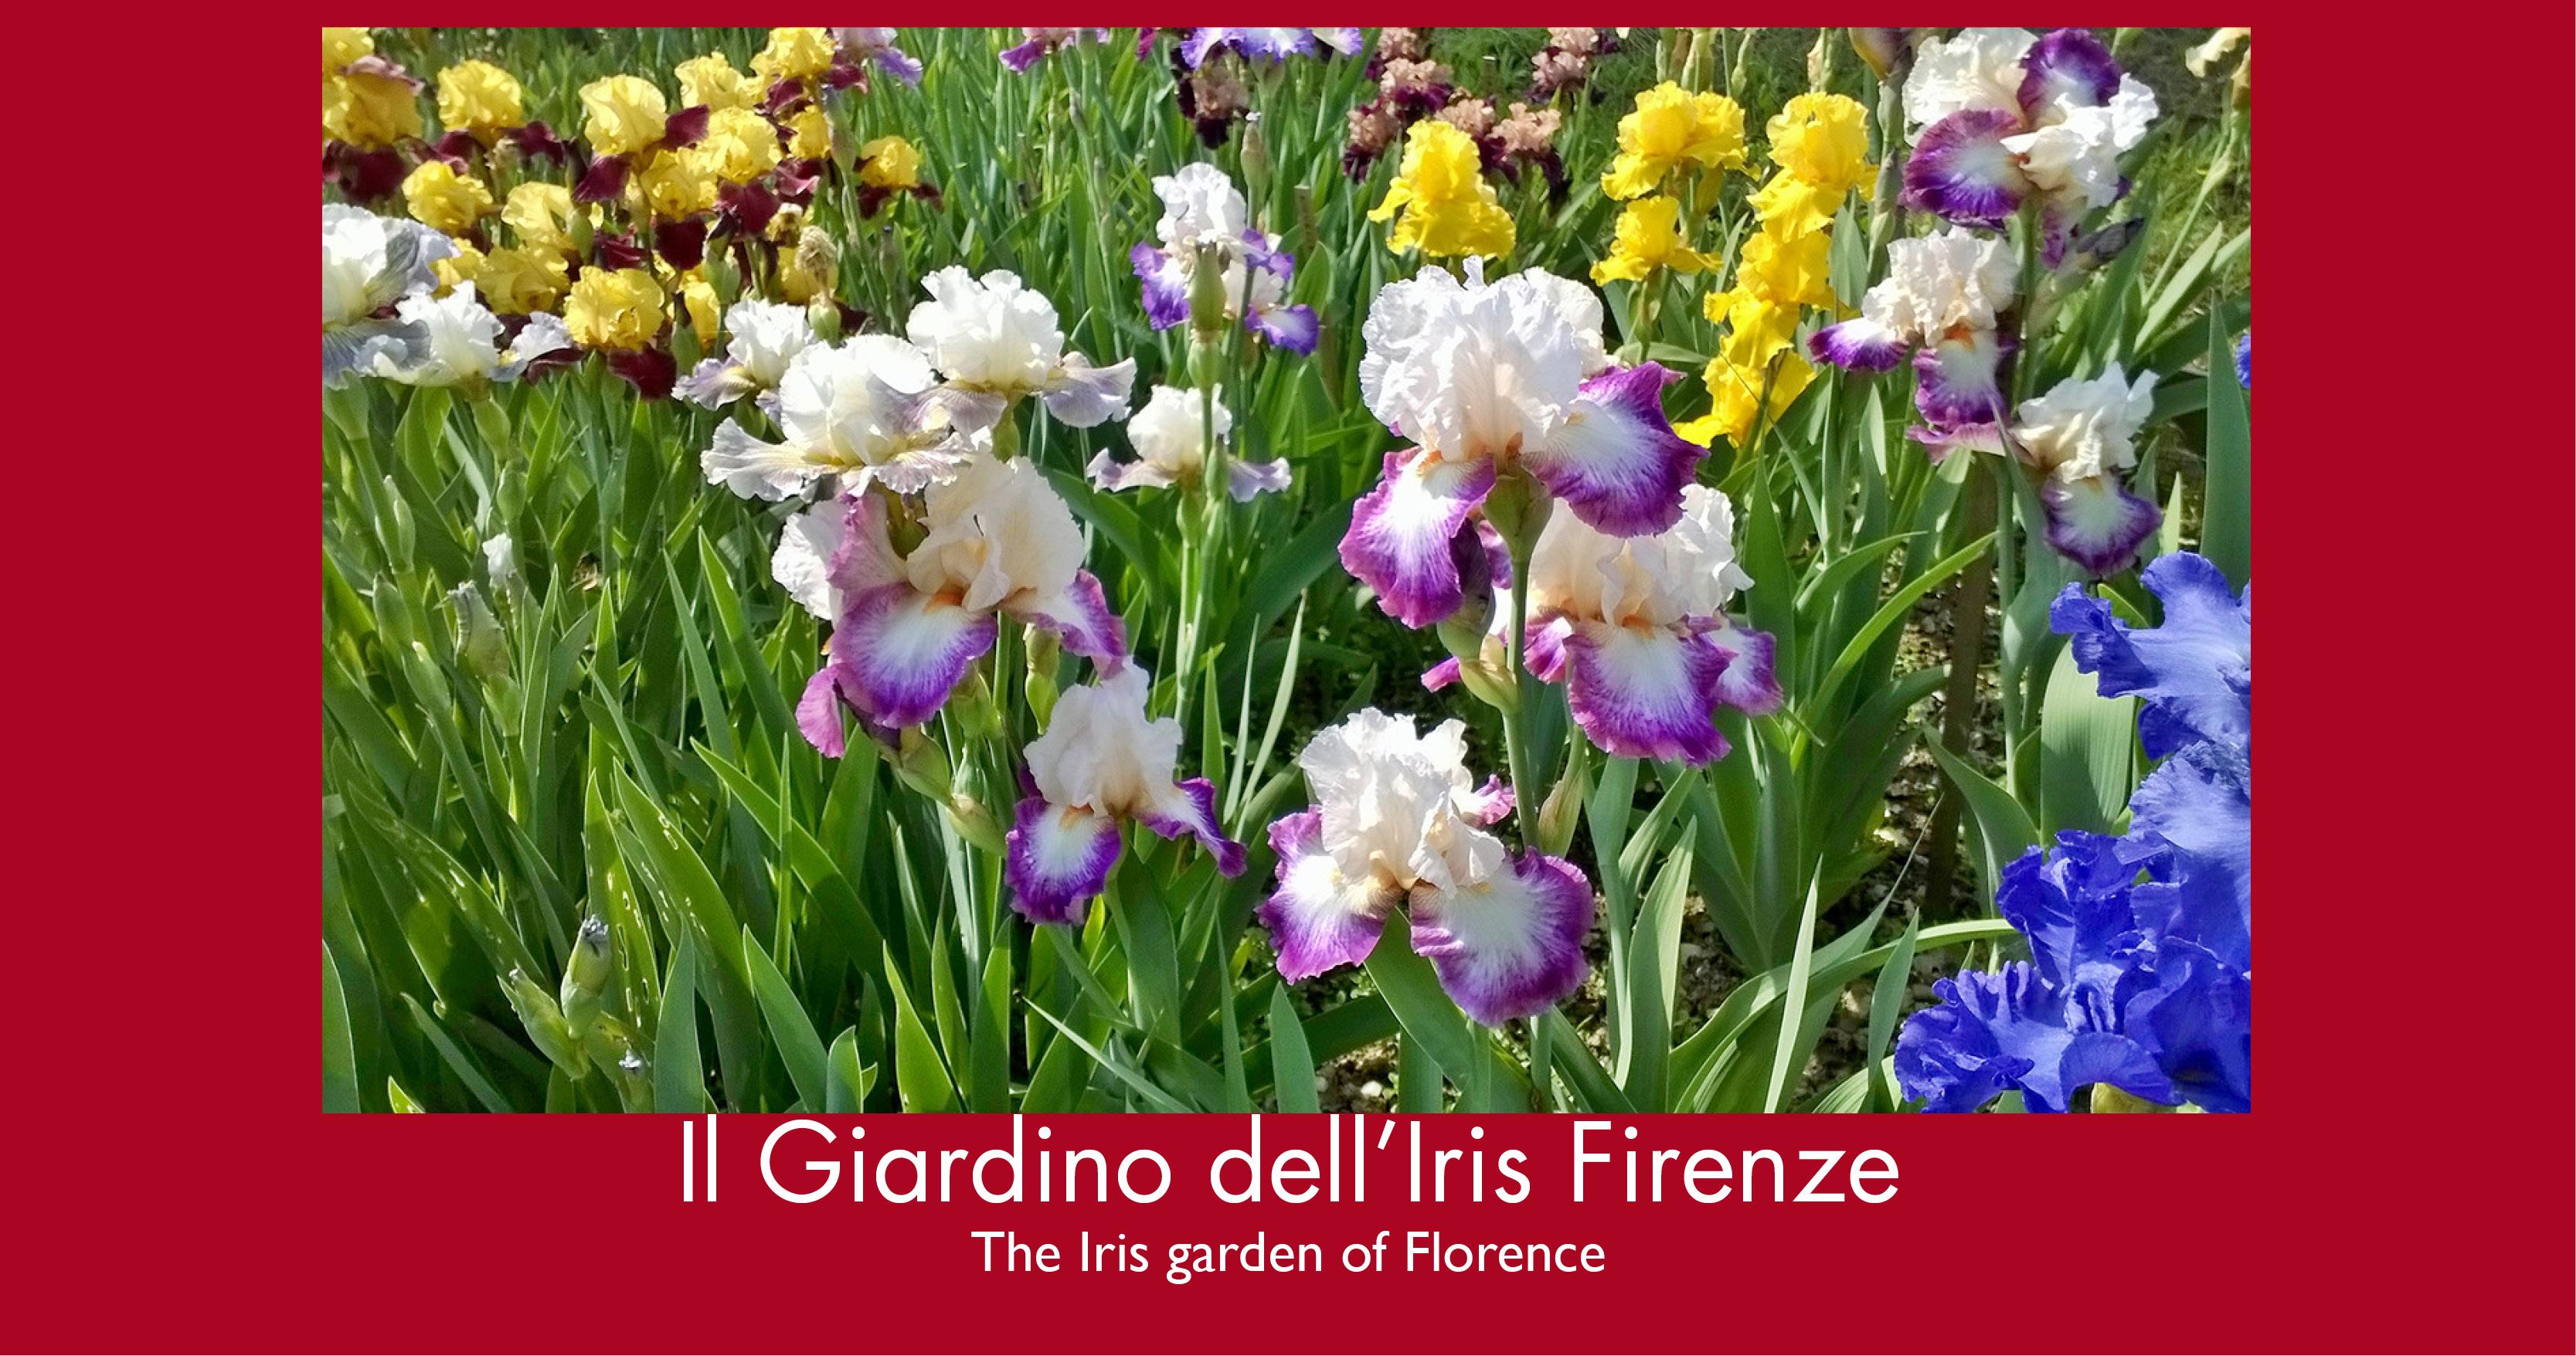 Firenze visita guidata al giardino dell 39 iris - Giardino dell iris firenze ...